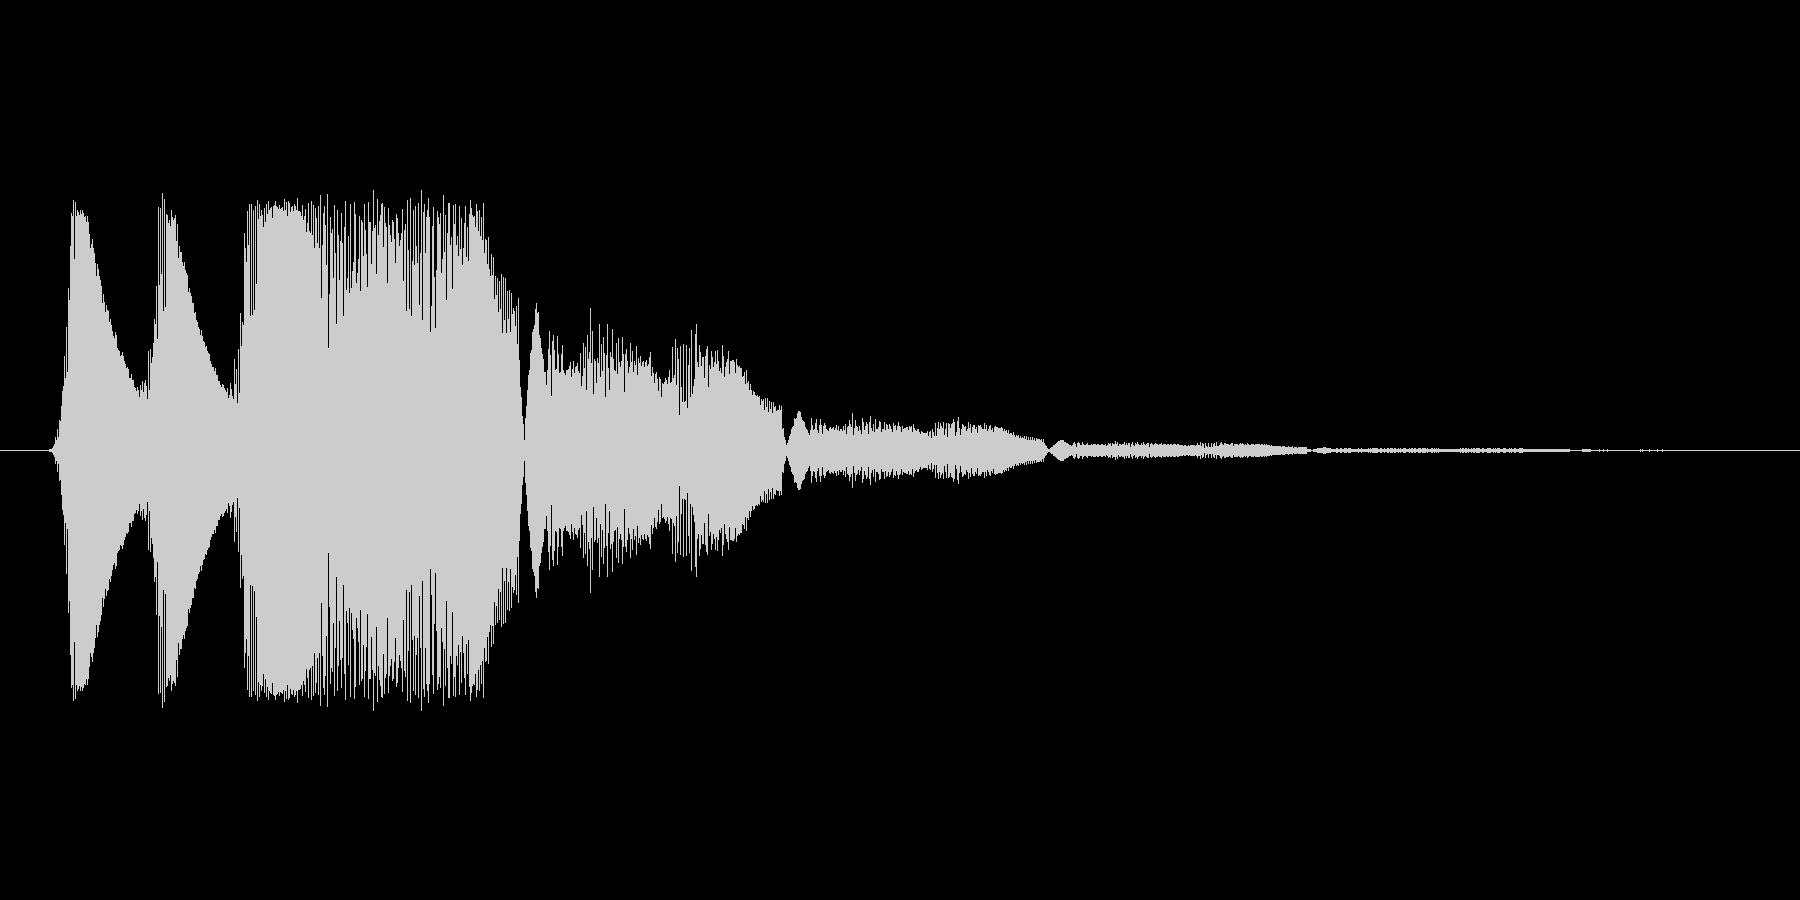 ファミコン風効果音 キャンセル系 05の未再生の波形